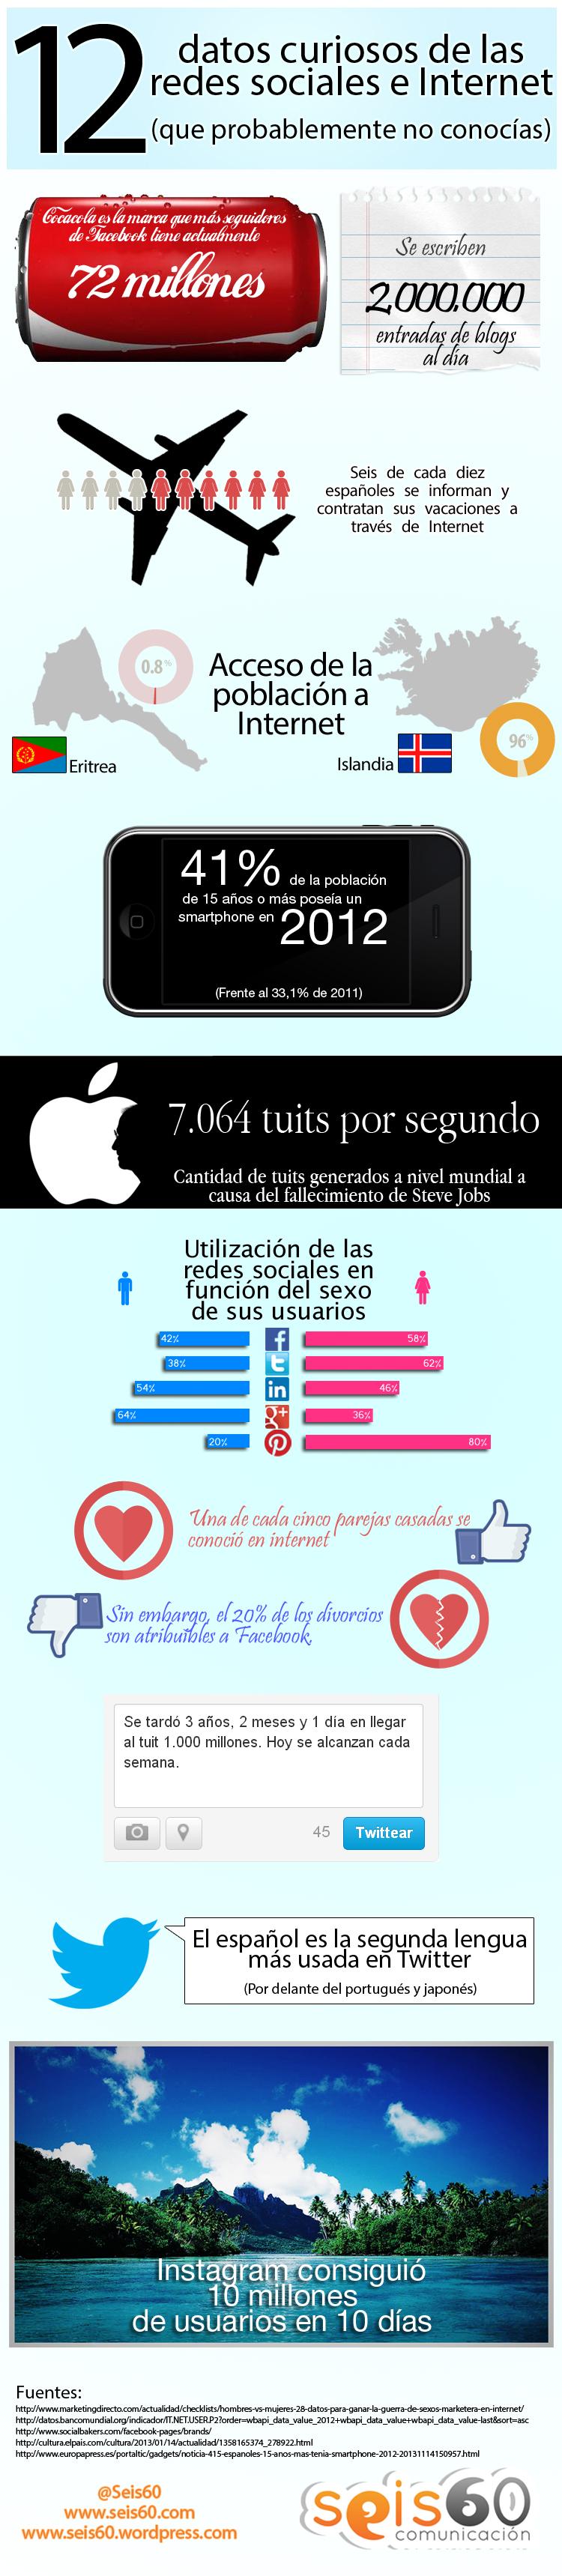 Infografía 26.11.13